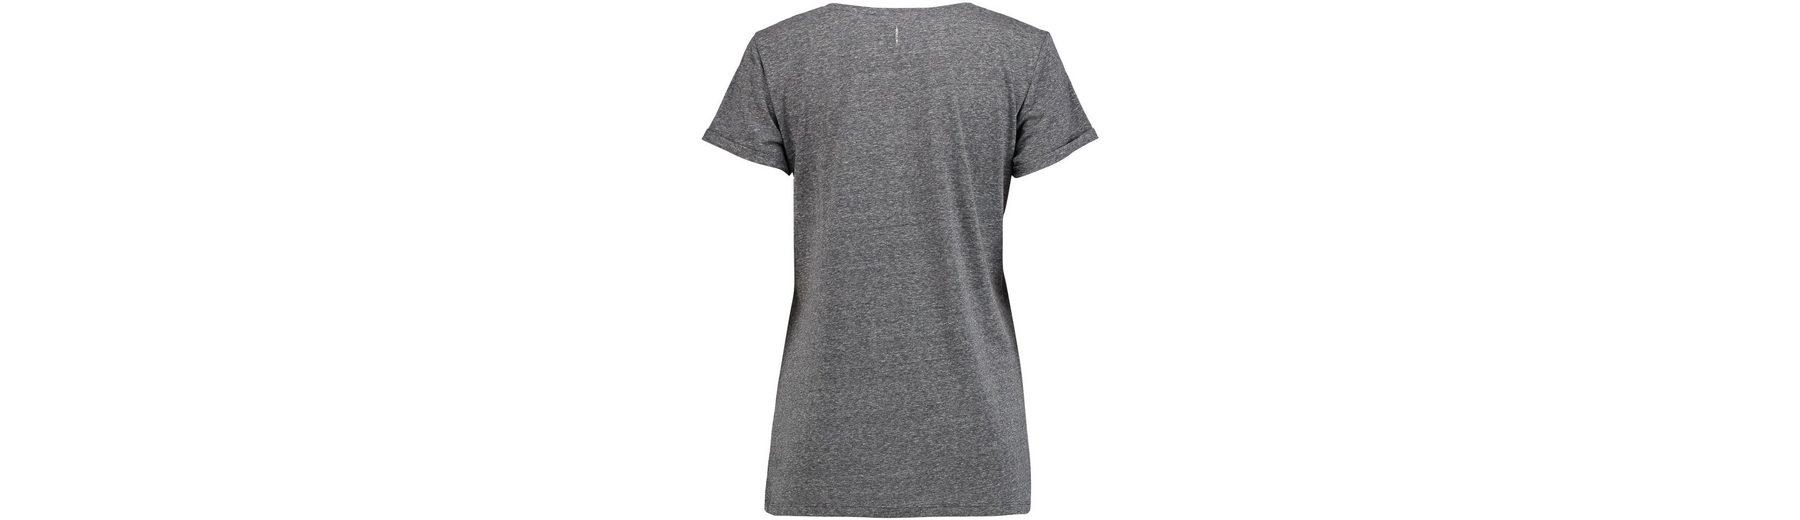 O'Neill T-Shirt kurzärmlig Freedom Für Schönen Günstigen Preis Aus Deutschland Freies Verschiffen Des Niedrigen Preises Günstig Kaufen Niedrigen Preis Versandkosten Für Visa-Zahlung Günstig Online mIp3ChvNsm